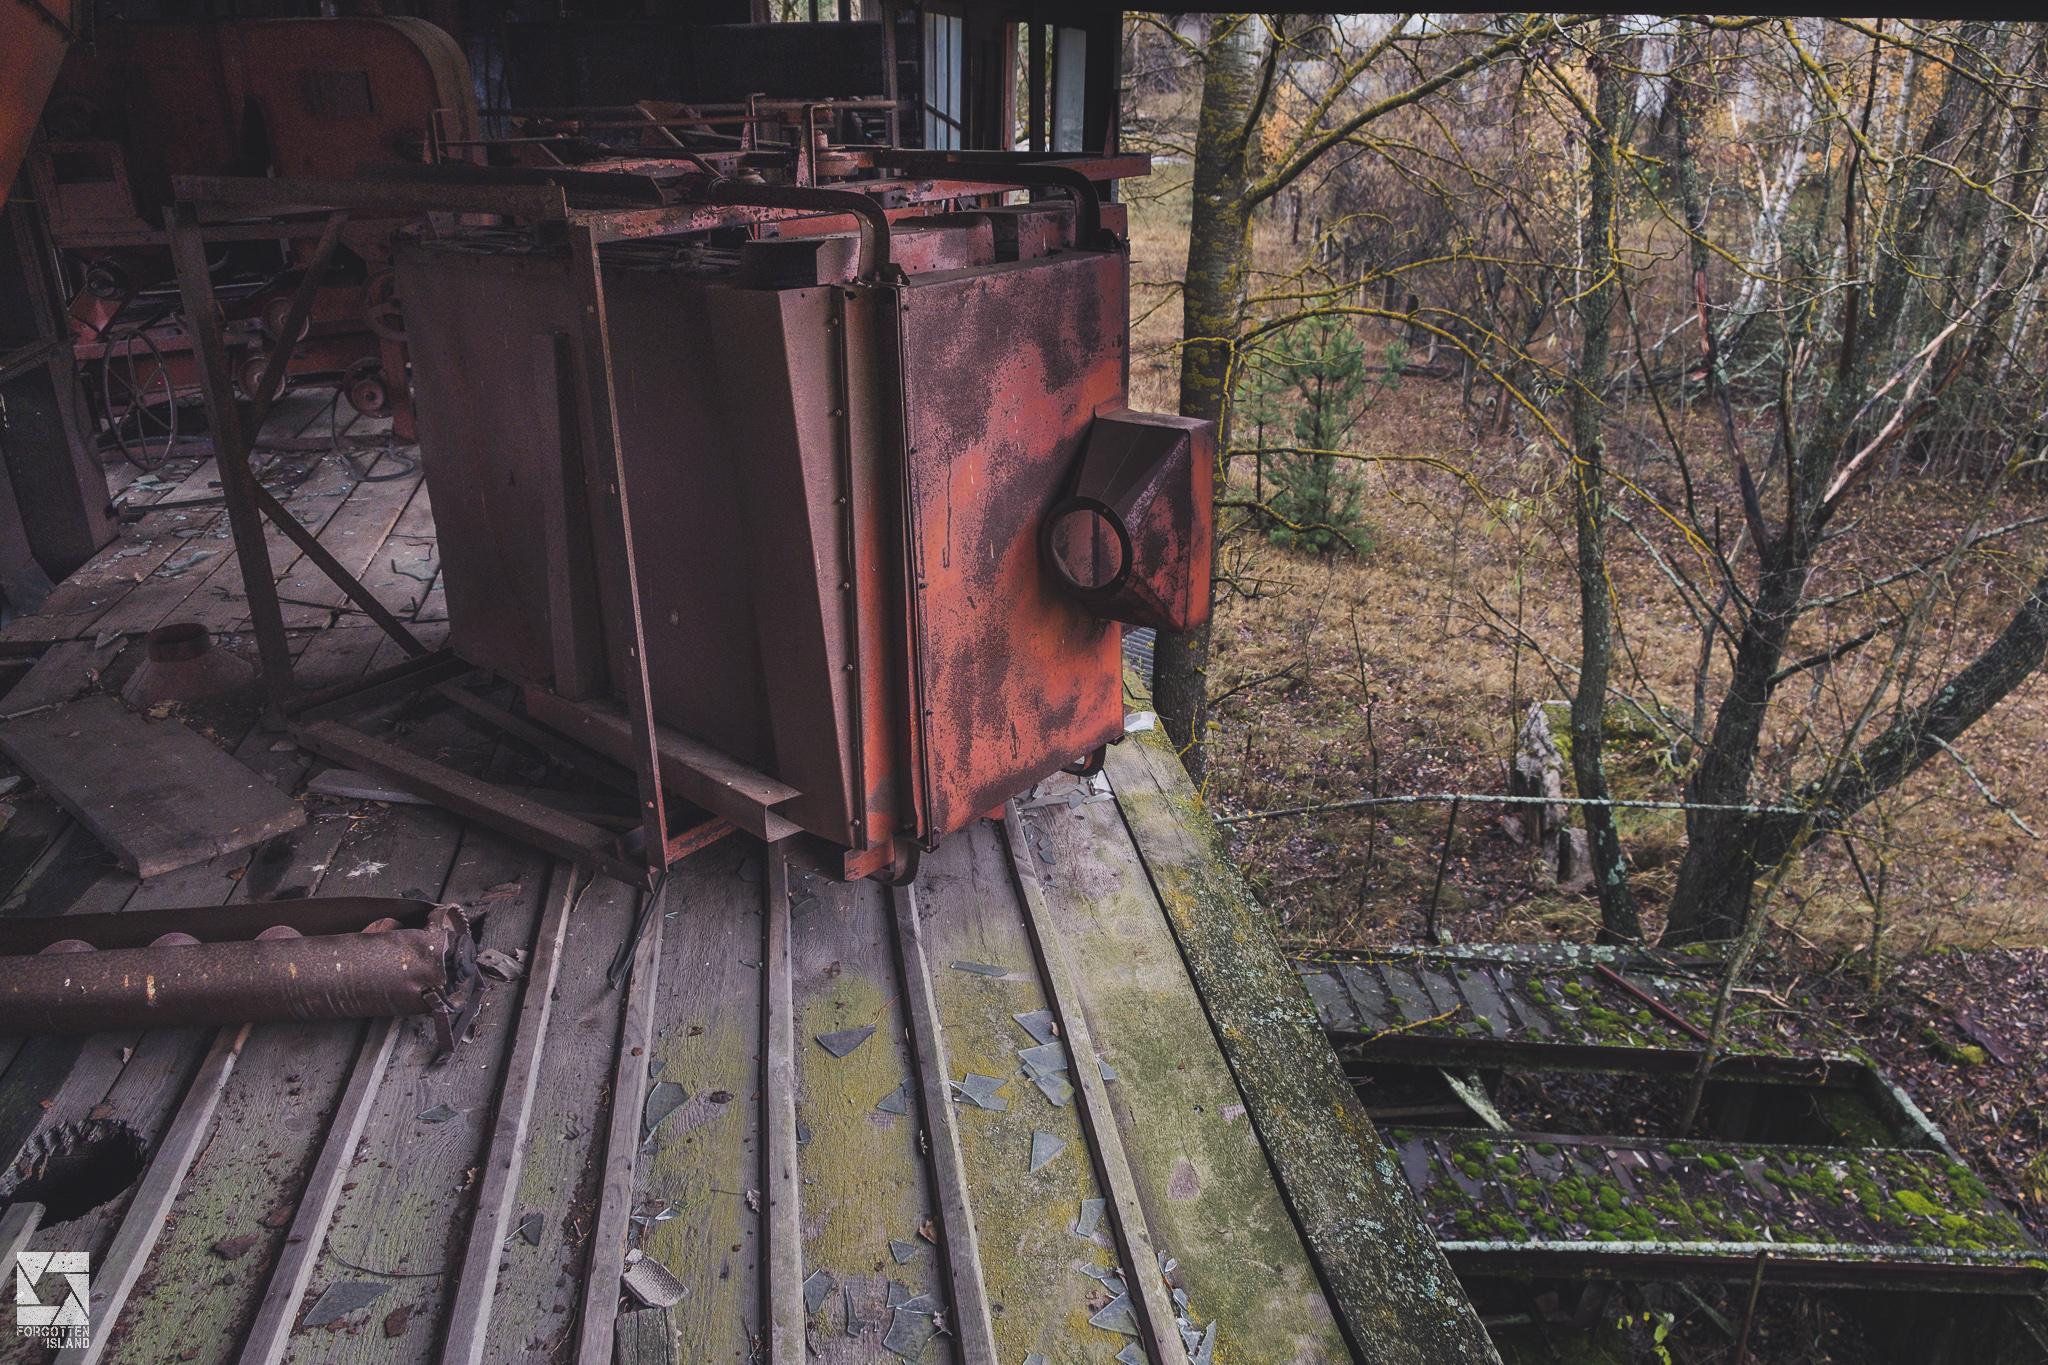 Chernobyl-Zymovyshche-Grain-Elevator-19.